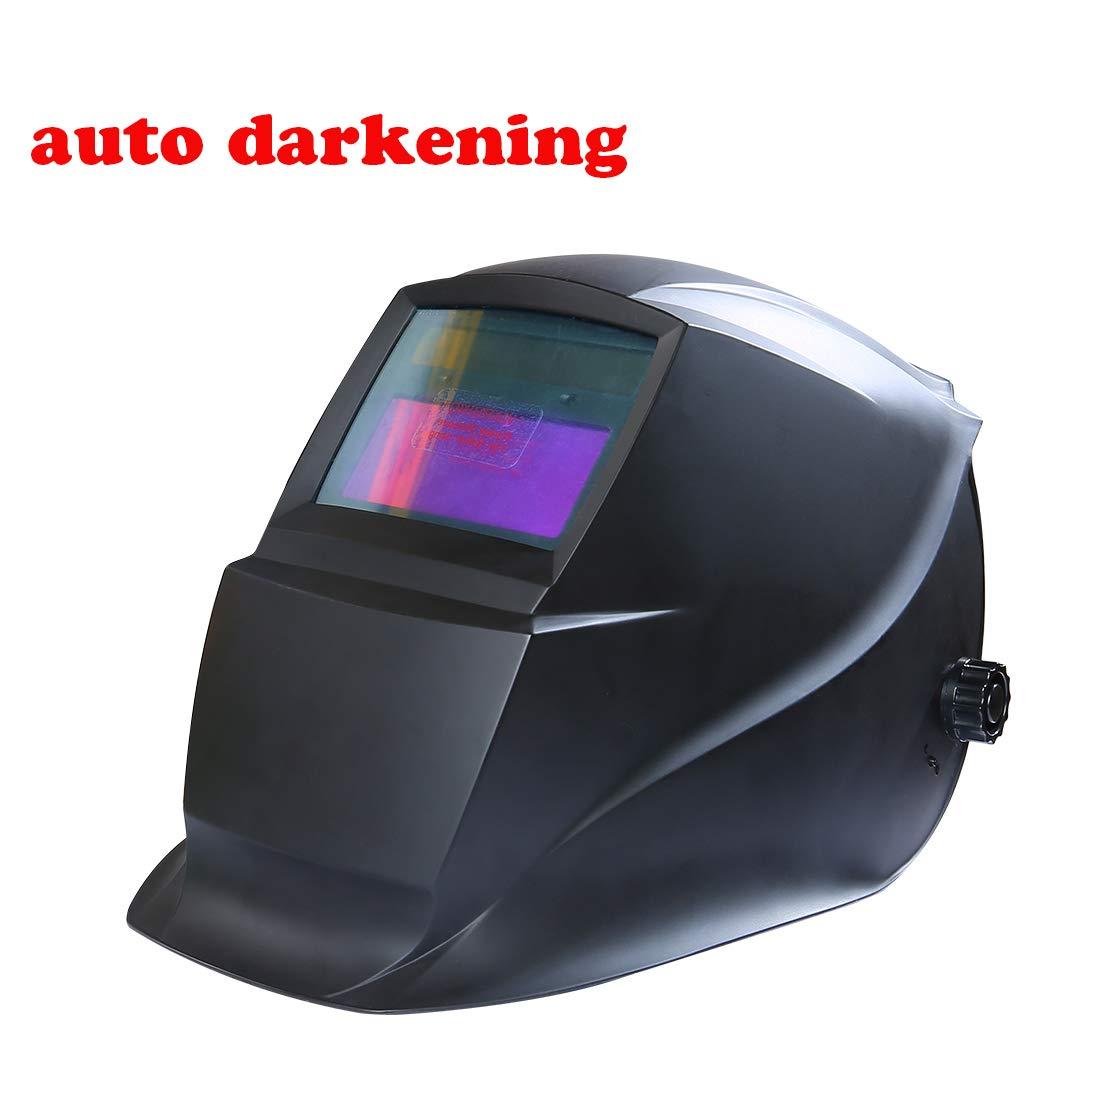 HARVET Welding Helmet Auto Darkening Helmet with 1/1/1/2 Optical Class, Wide Viewing Area for Tig Mig MmaPlasma Welding and Grinding by HARVET